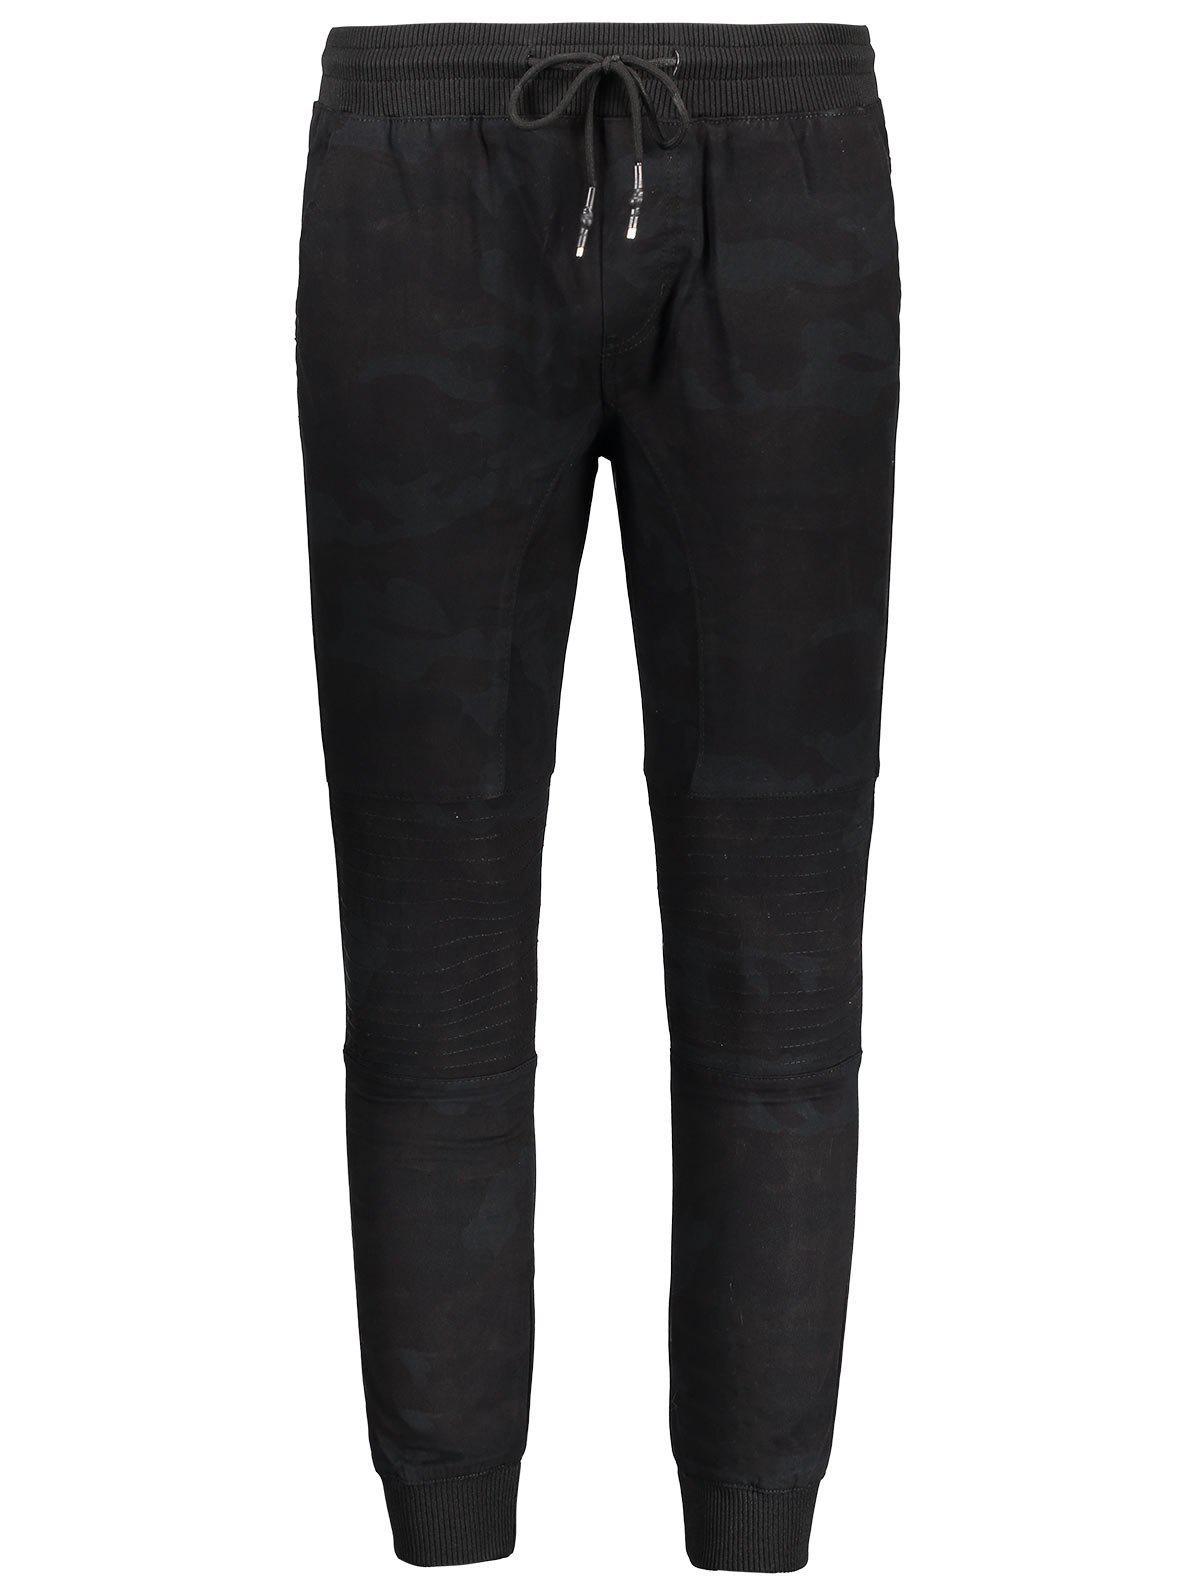 Pantalons sport pour homme